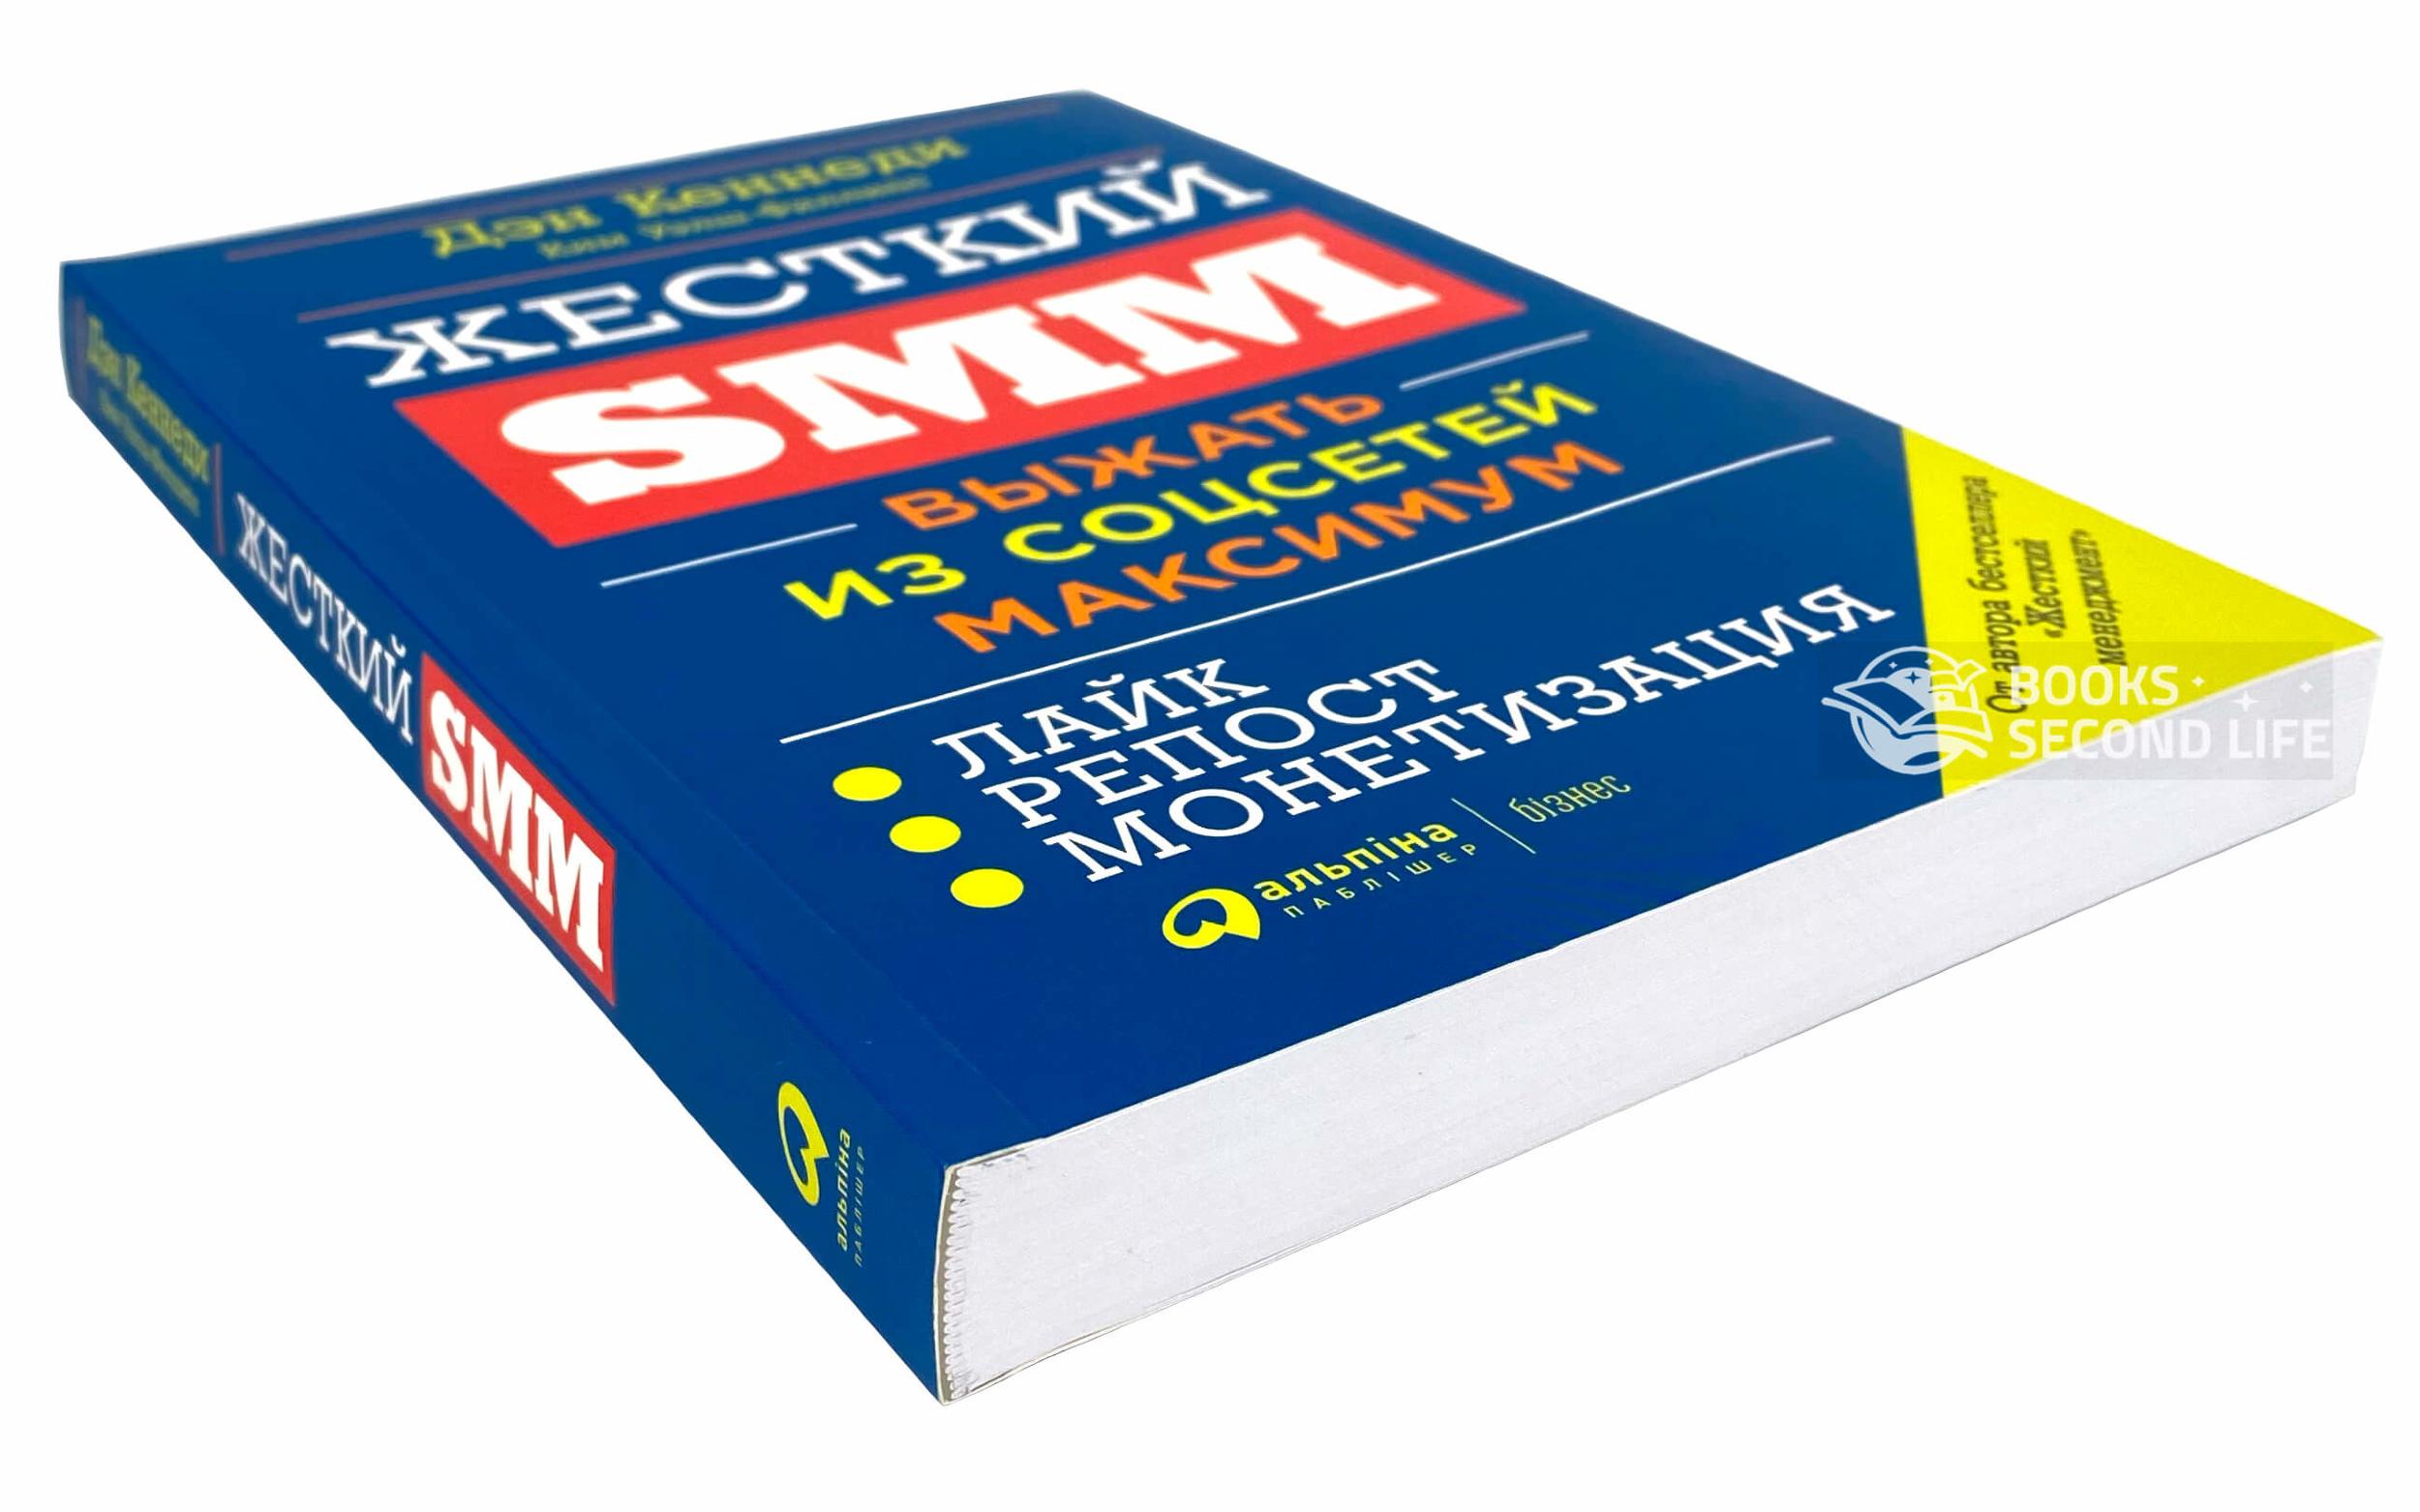 Жесткий SMM : Выжать из соц сетей максимум. Автор — Ким Уэлш-Филлипс, Кеннеди Дэн.